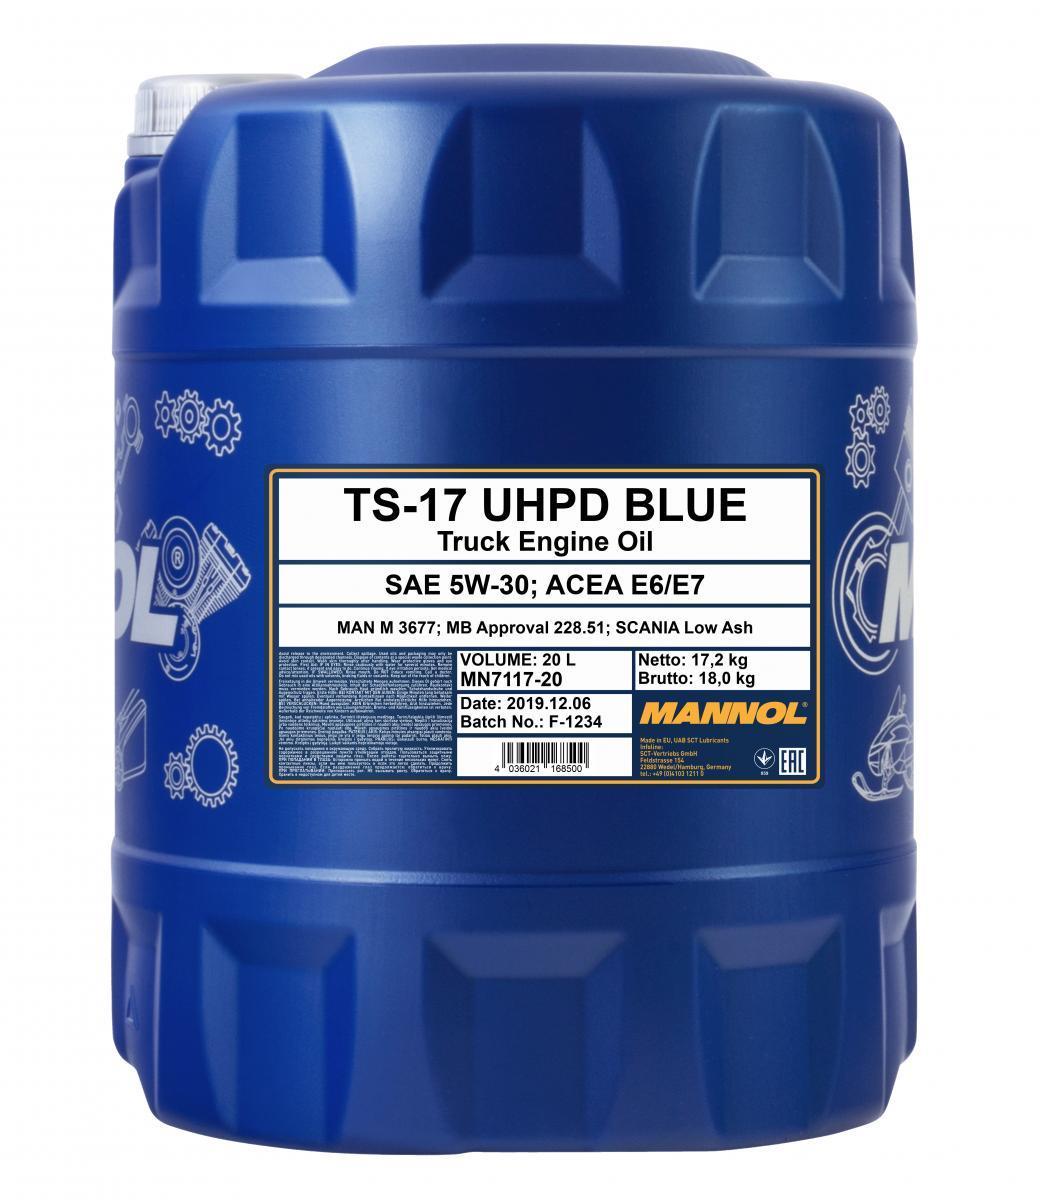 MN7117-20 MANNOL TS-17, UHPD Blue 5W-30, 20l Motoröl MN7117-20 günstig kaufen